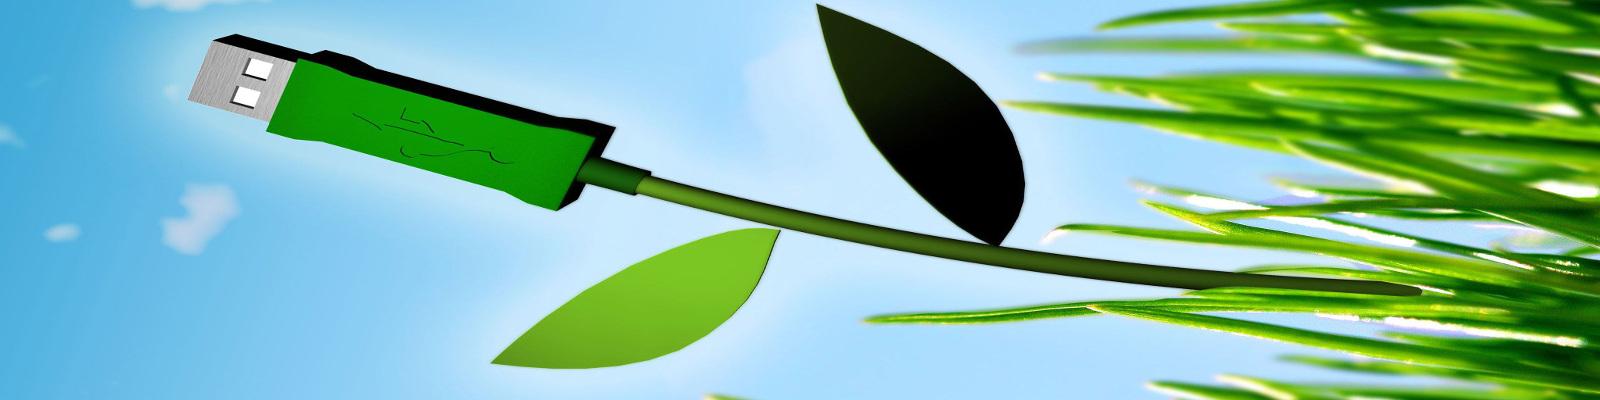 Versioni progettazione impianti irrigazione software for Software progettazione impianti irrigazione gratis